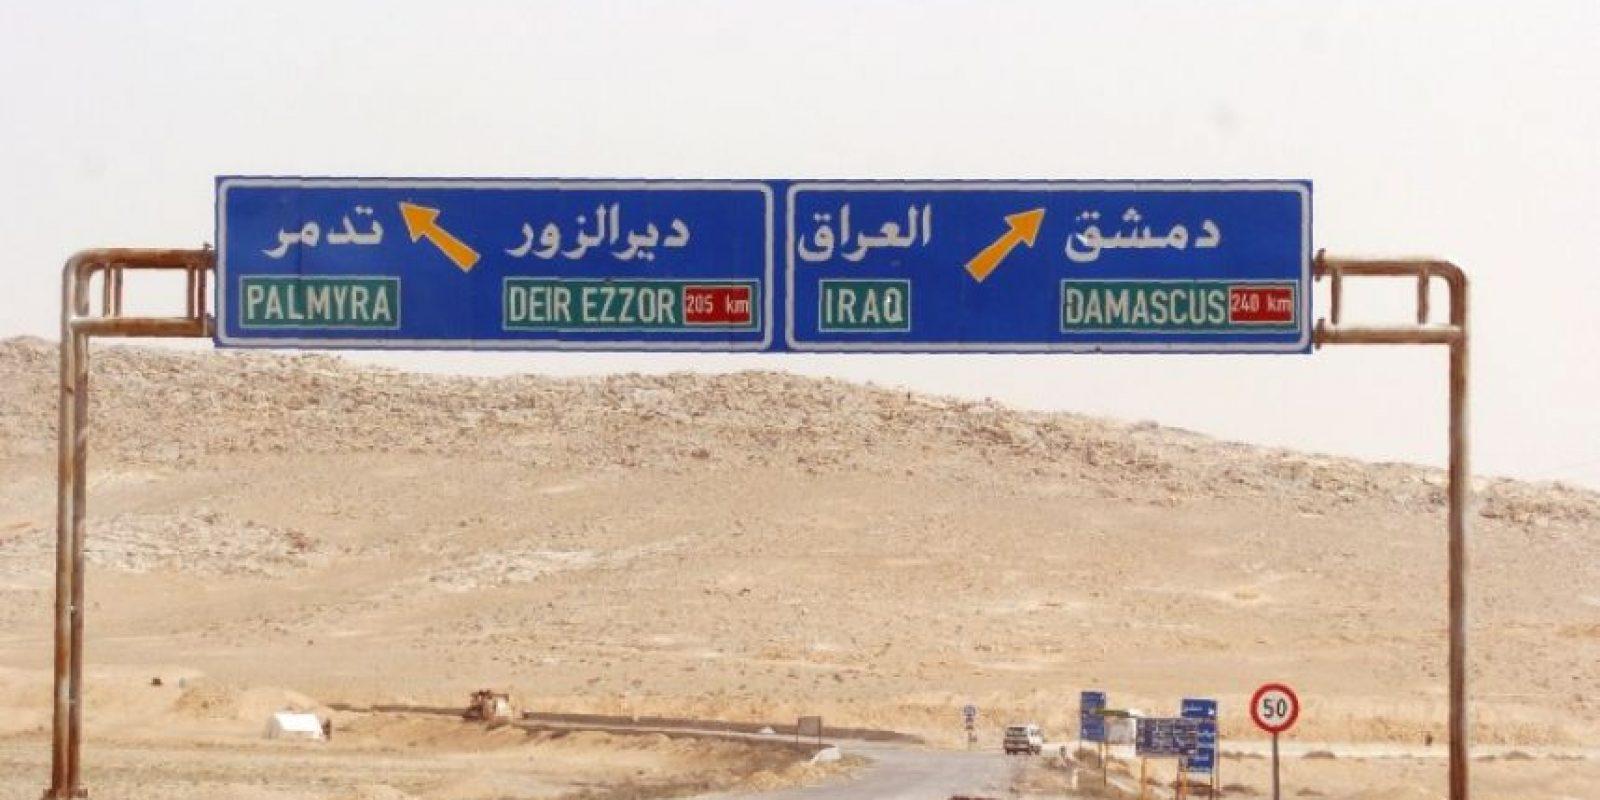 El gobierno sirio ha pasado este último mes luchando por recuperar la ciudad. Foto:AFP